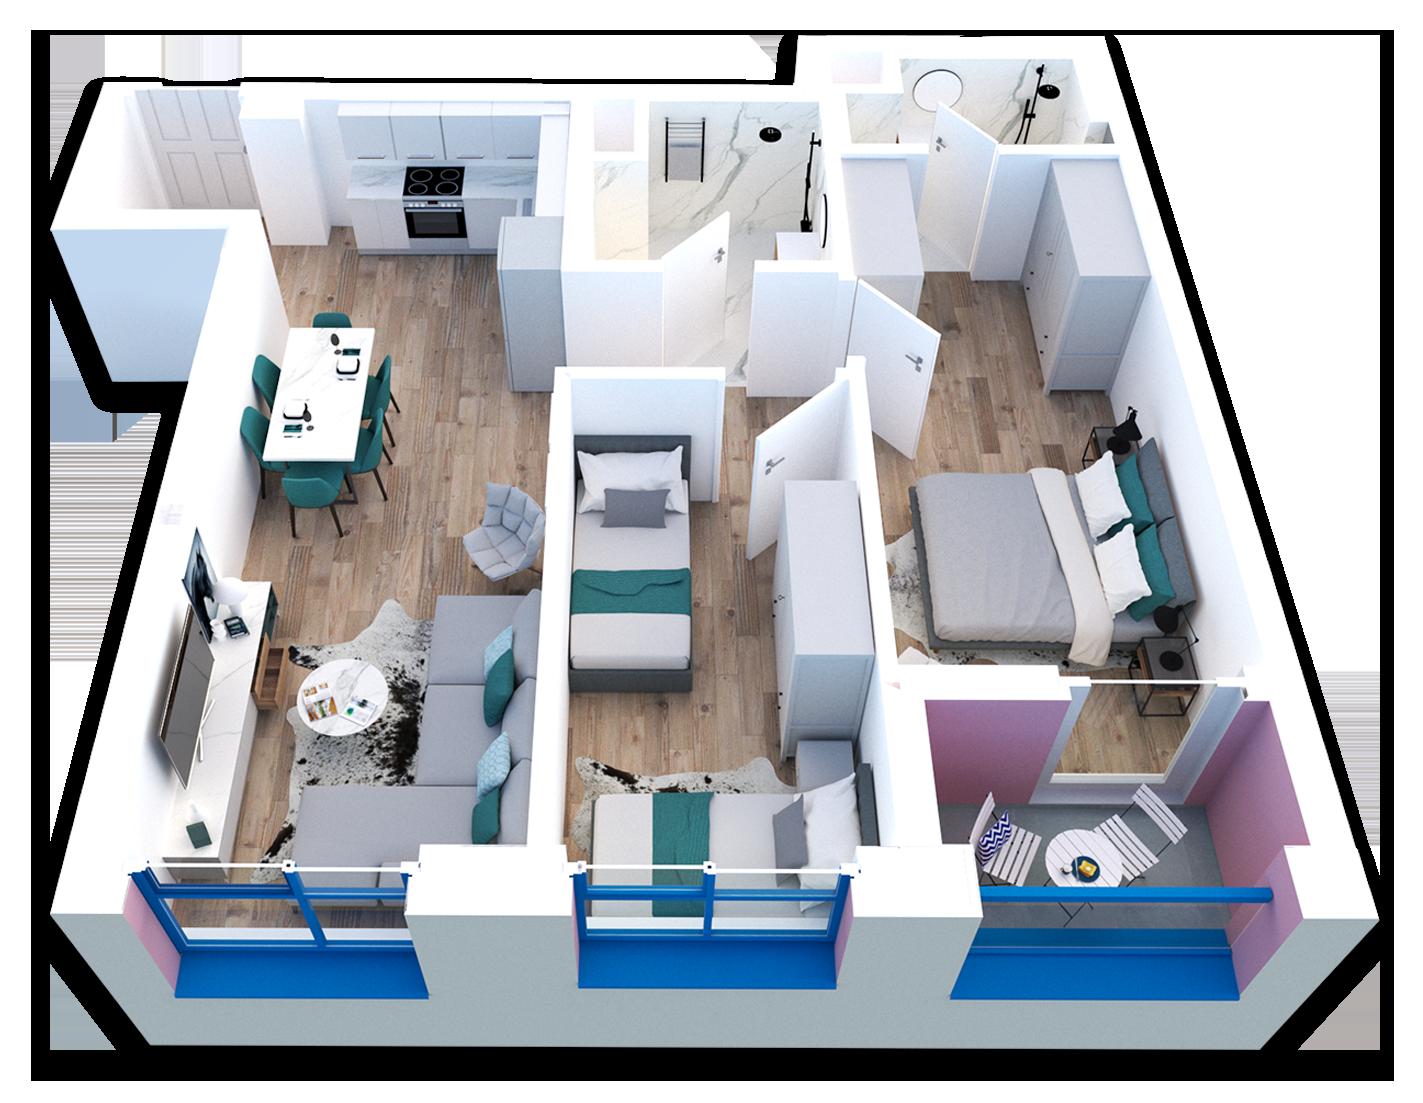 Apartament 2+1 në shitje në Tiranë - Mangalem 21 Shkalla 22 Kati 6